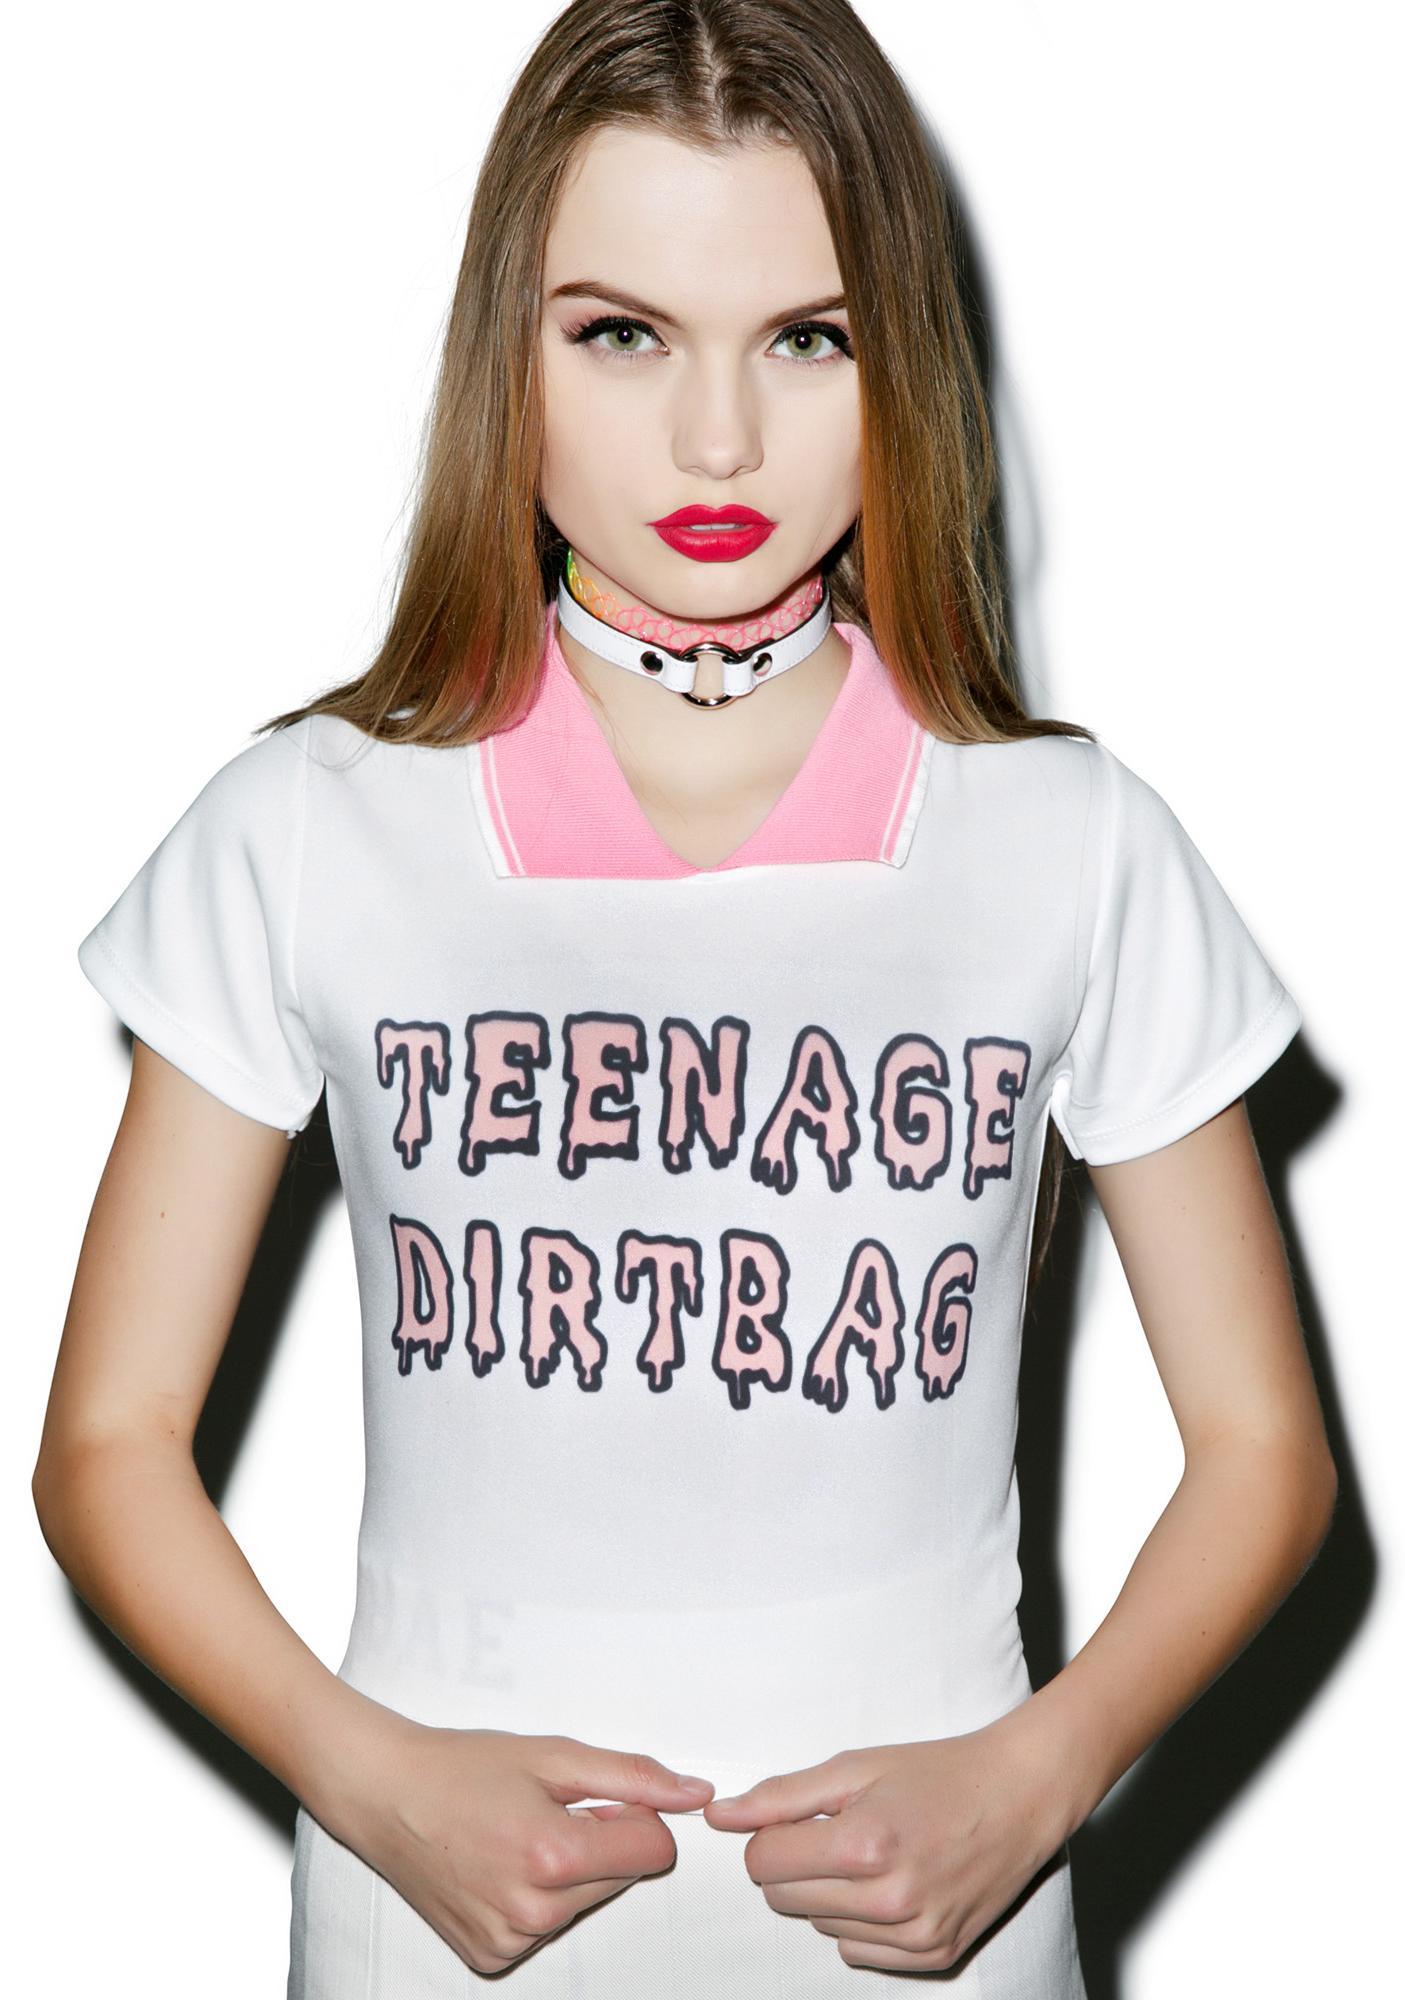 Teenage Dirtbag Polo Tee